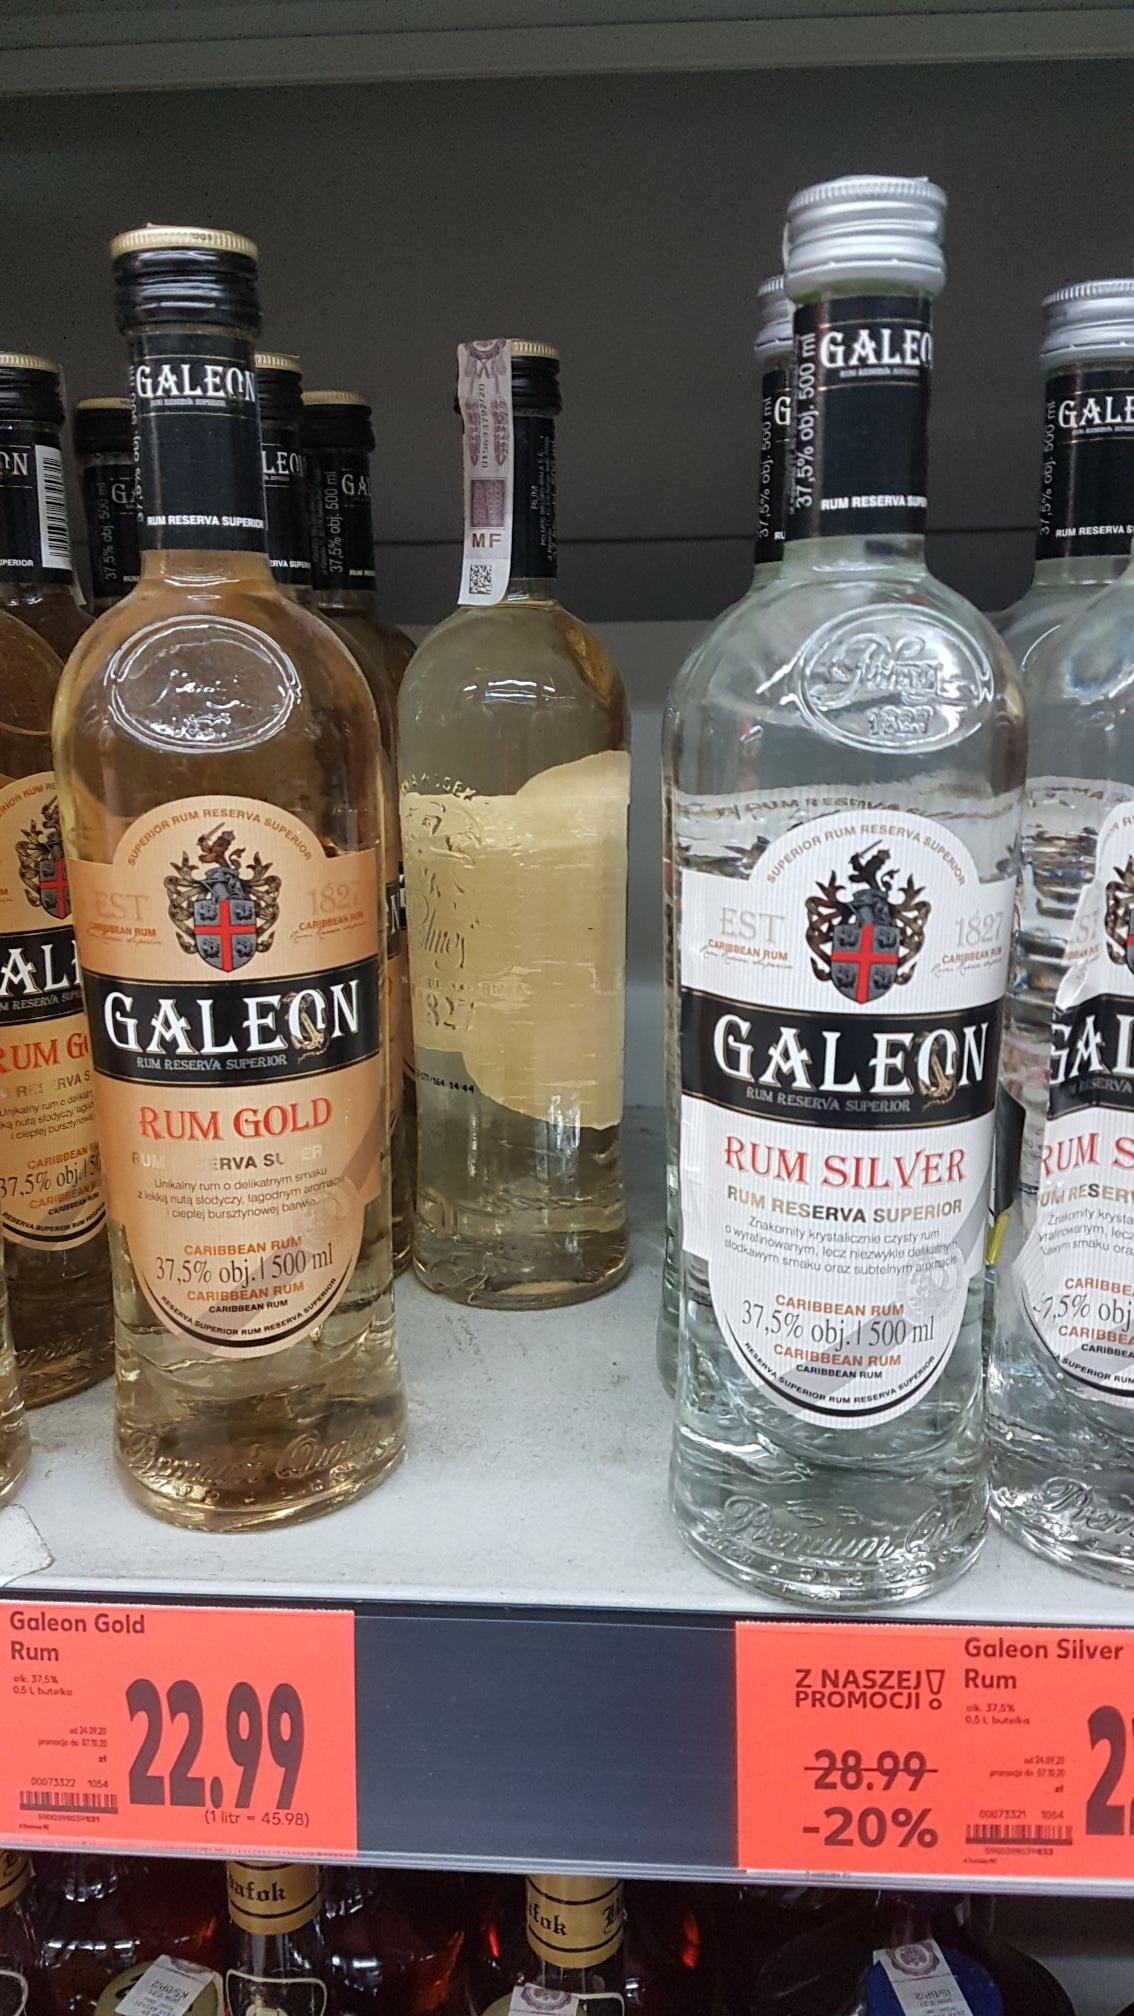 Rum Galeon 0.5l (złoty, srebrny, czarny)